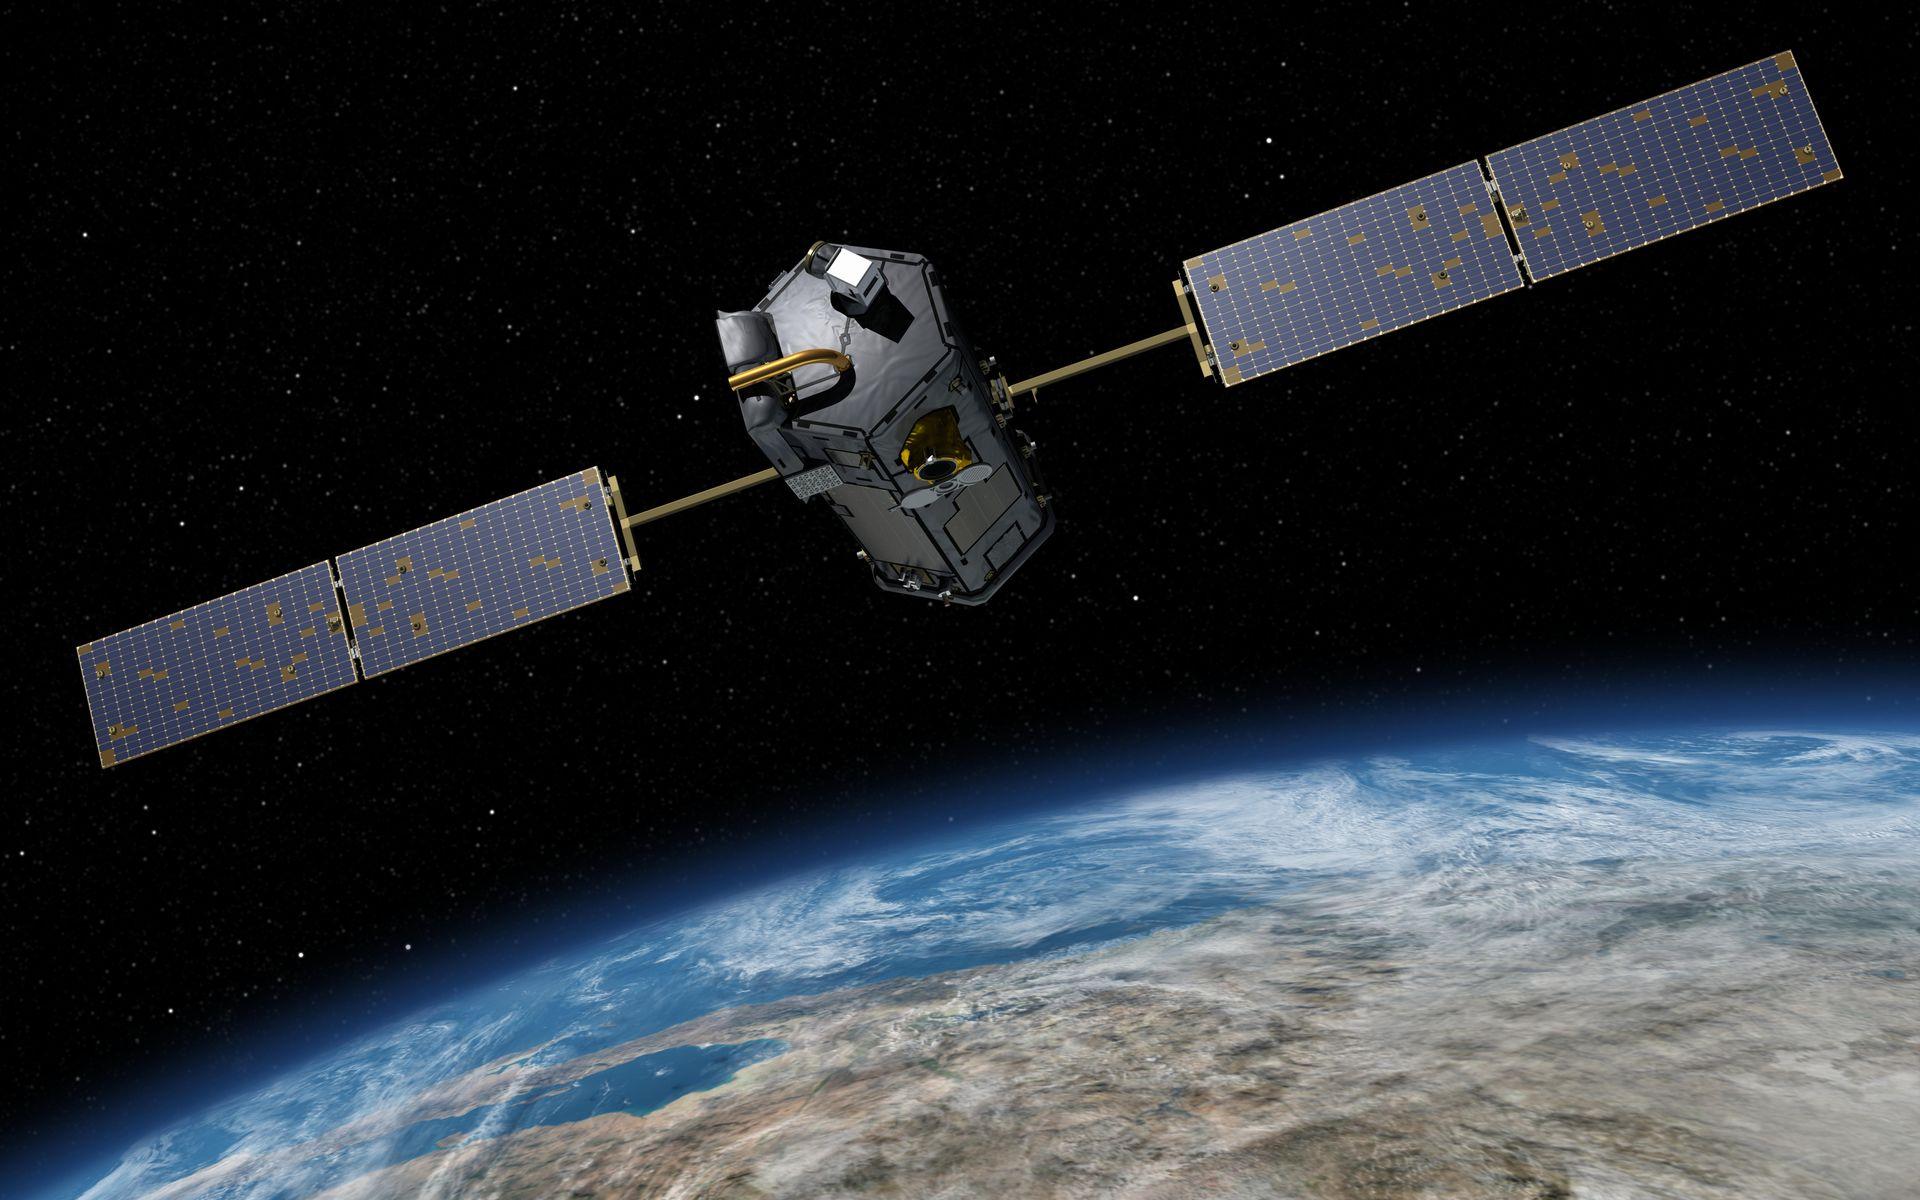 nasa satellite missions - photo #11